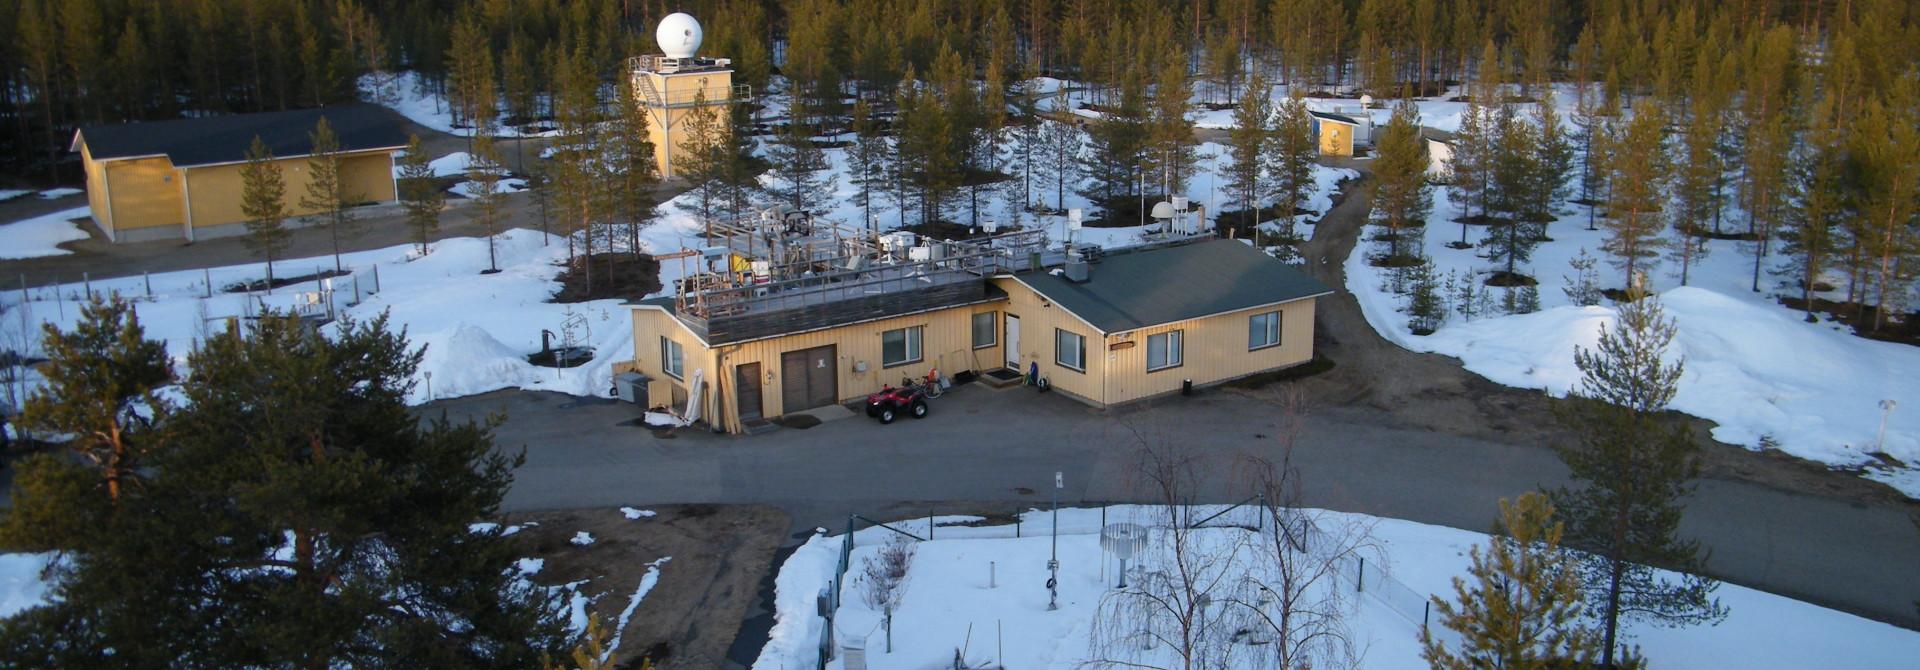 Ilmatieteen laitos on seurannut ilman radioaktiivisuutta Lapin ilmatieteellisessä tutkimuskeskuksessa Sodankylässä jo 1960-luvun alusta lähtien.